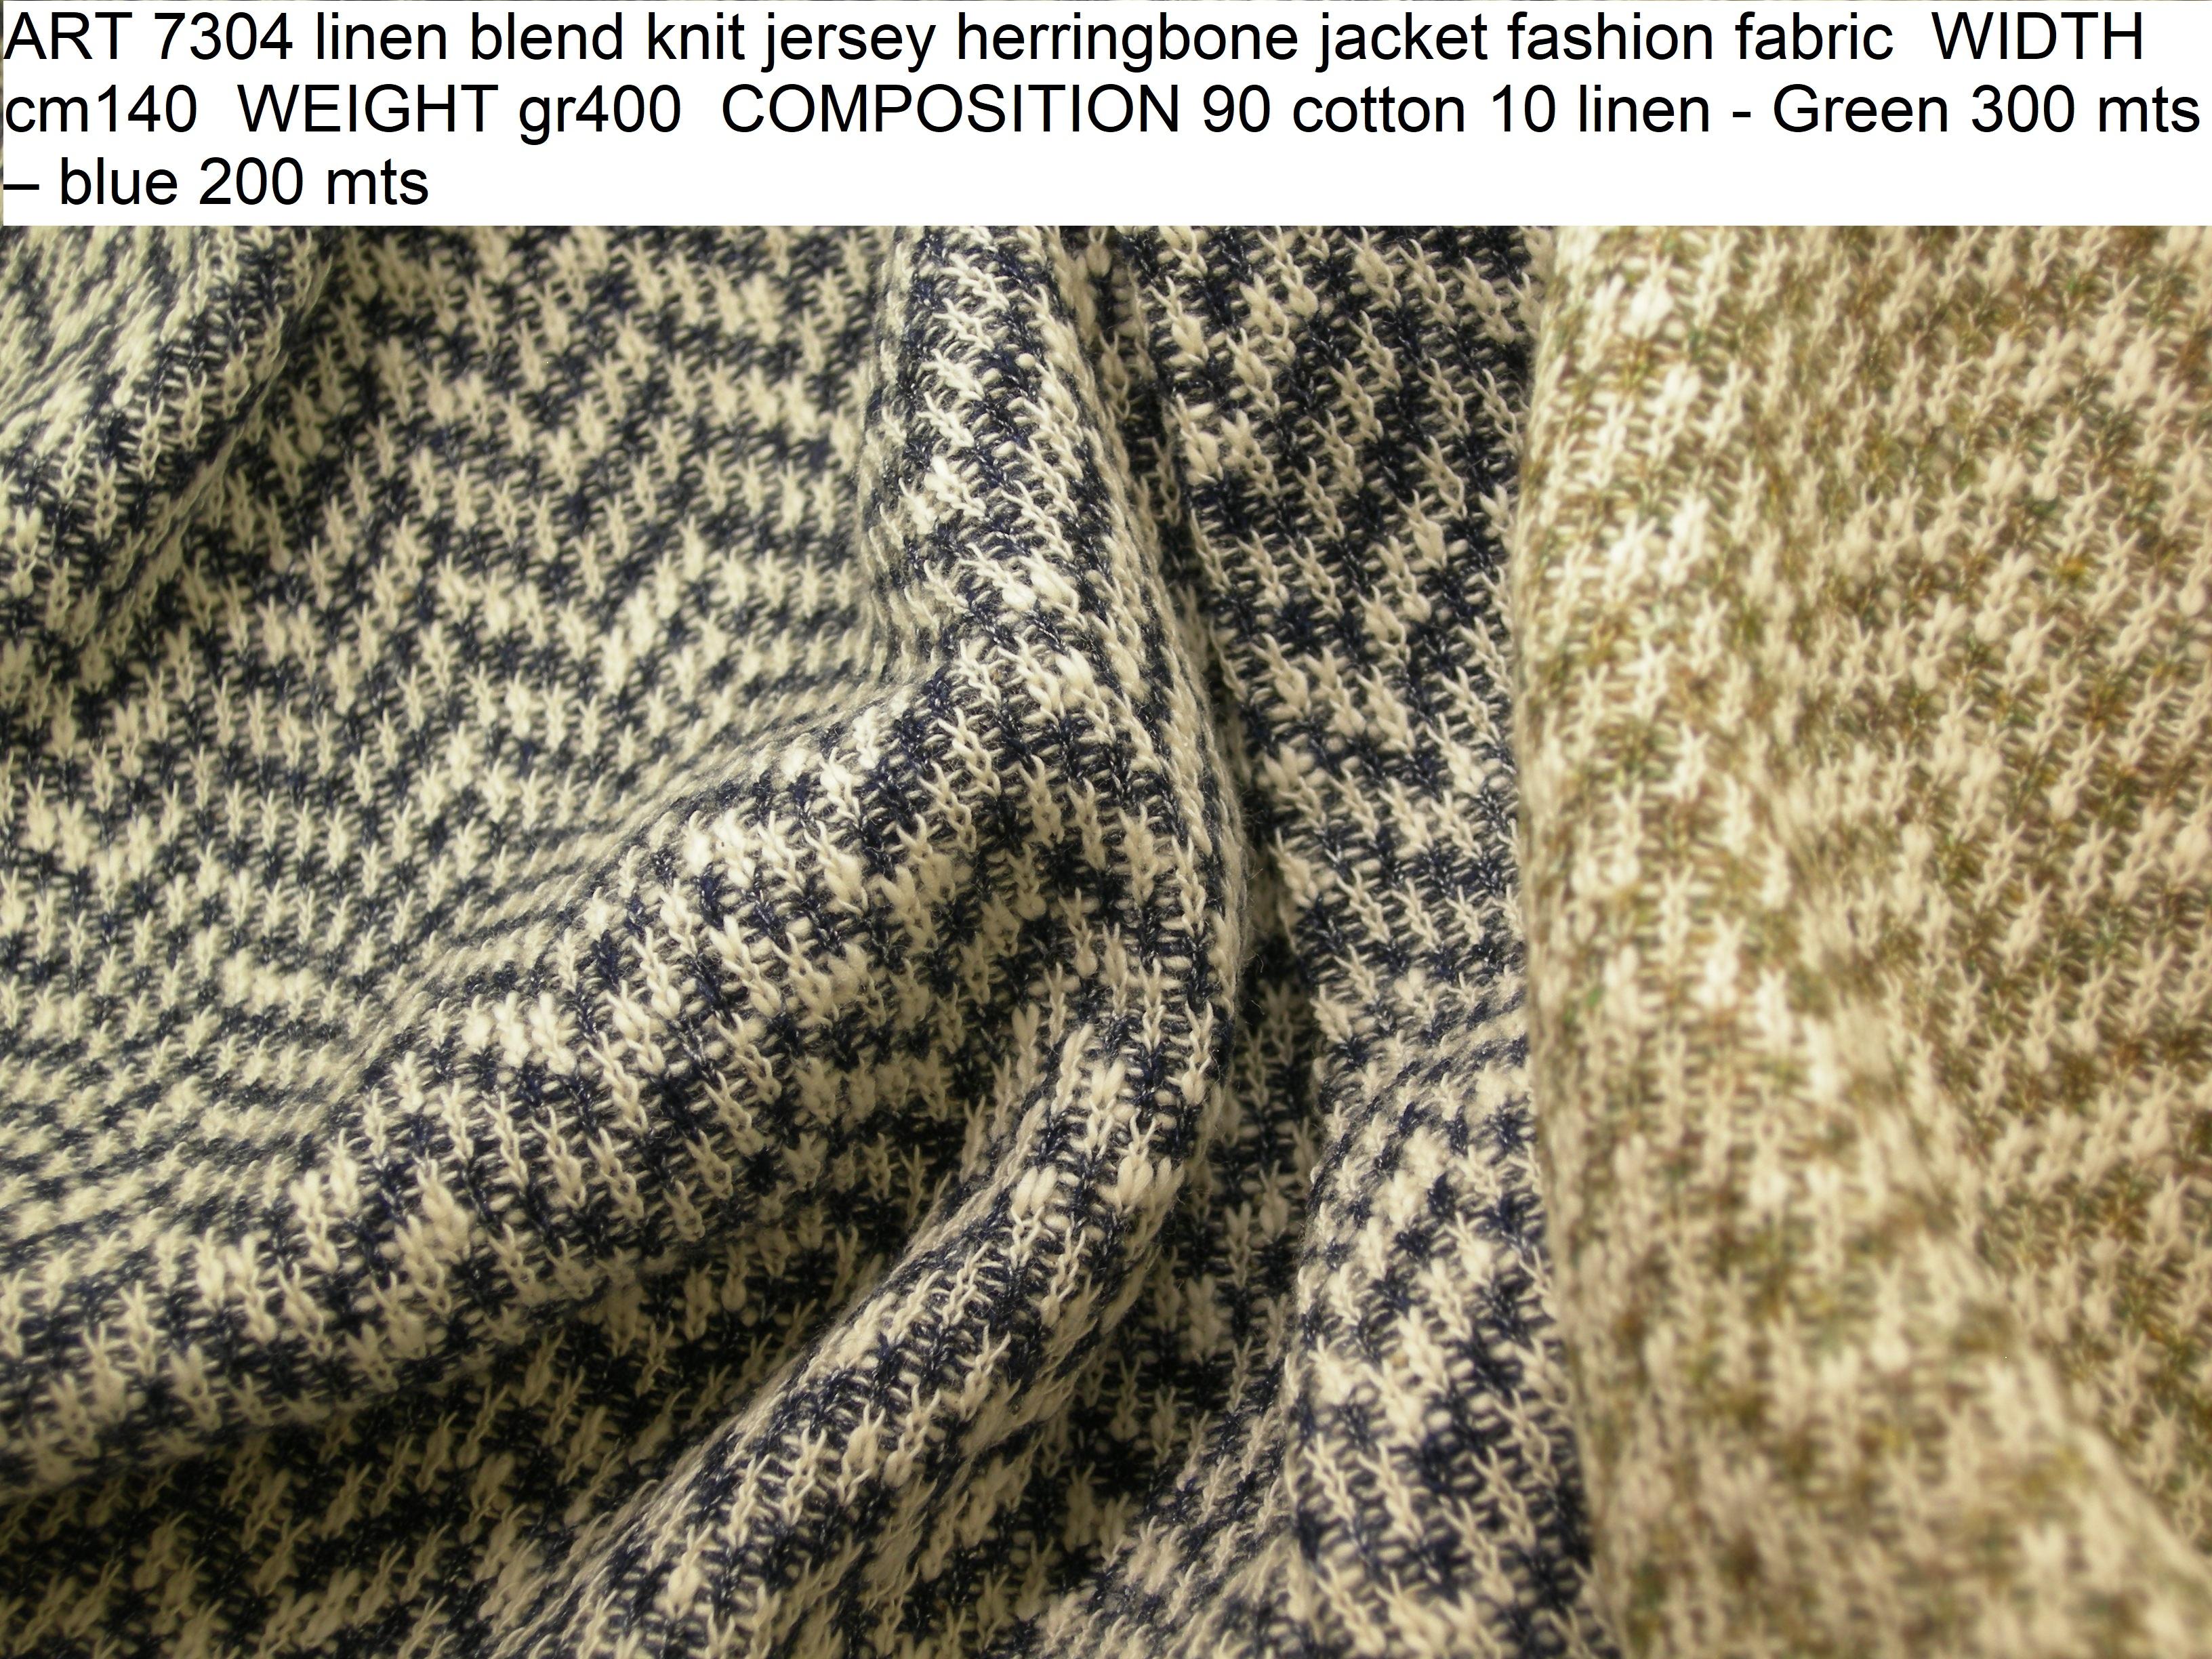 ART 7304 linen blend knit jersey herringbone jacket fashion fabric WIDTH cm140 WEIGHT gr400 COMPOSITION 90 cotton 10 linen - Green 300 mts – blue 200 mts